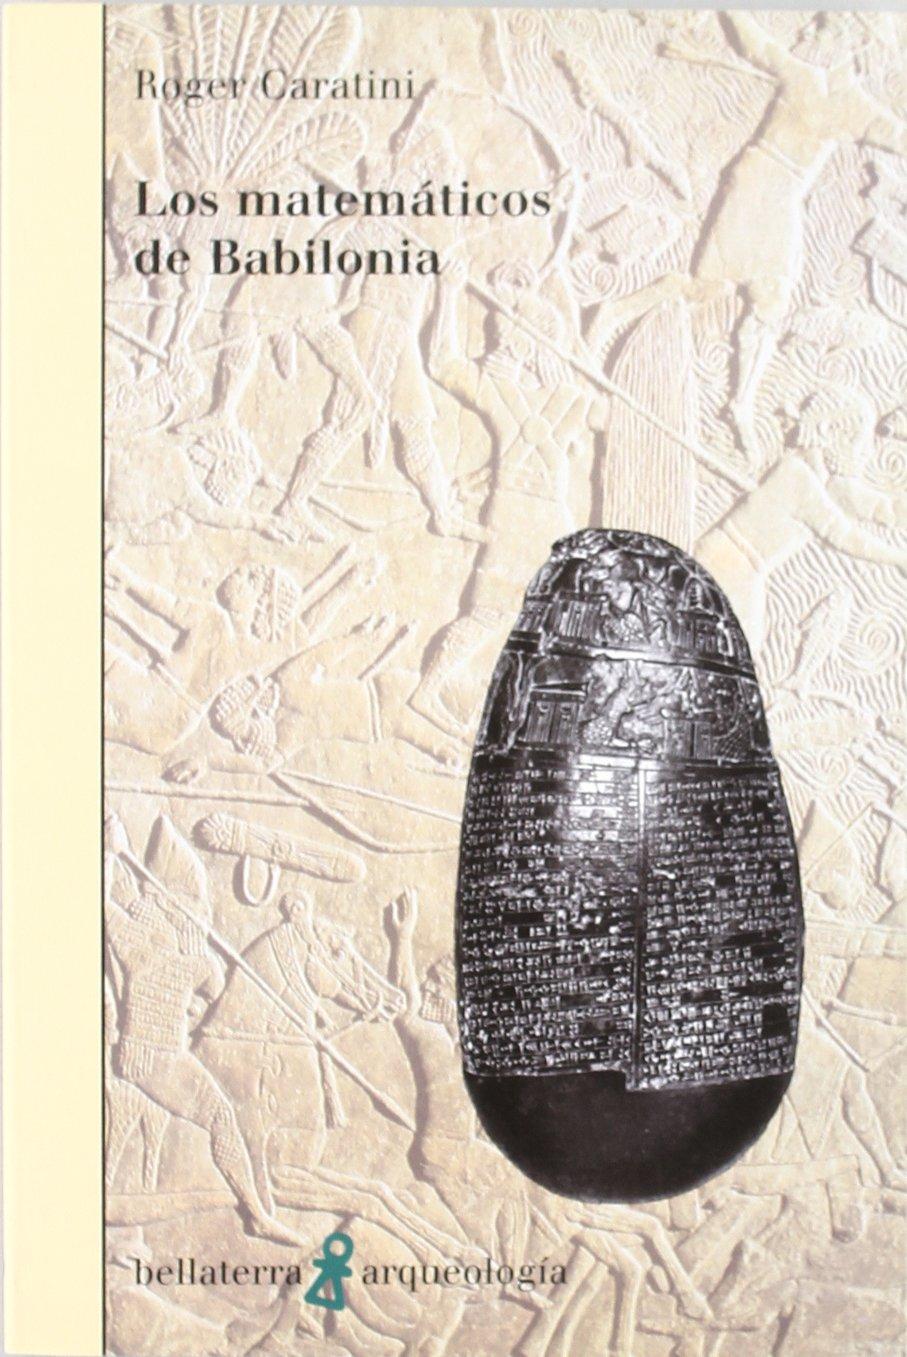 Matemáticos de babilonia: Roger Caratini: 9788472902510: Amazon.com: Books